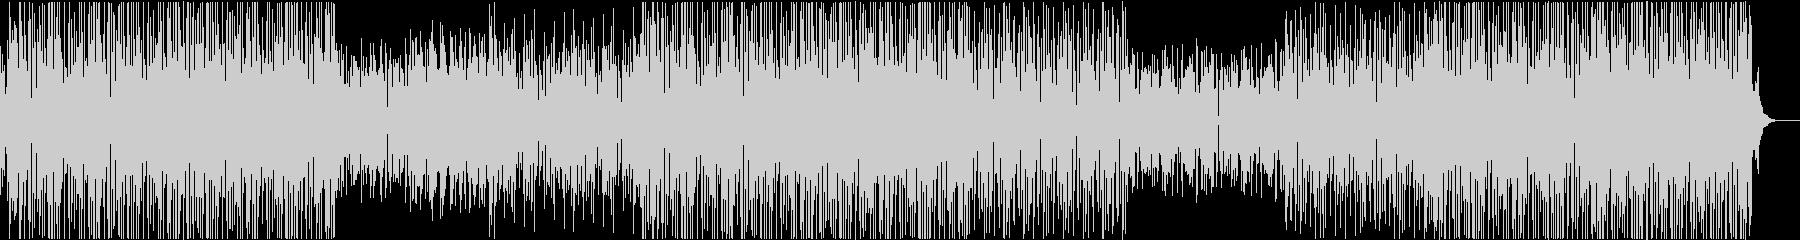 ファンク ヒップポップ バラエティー の未再生の波形